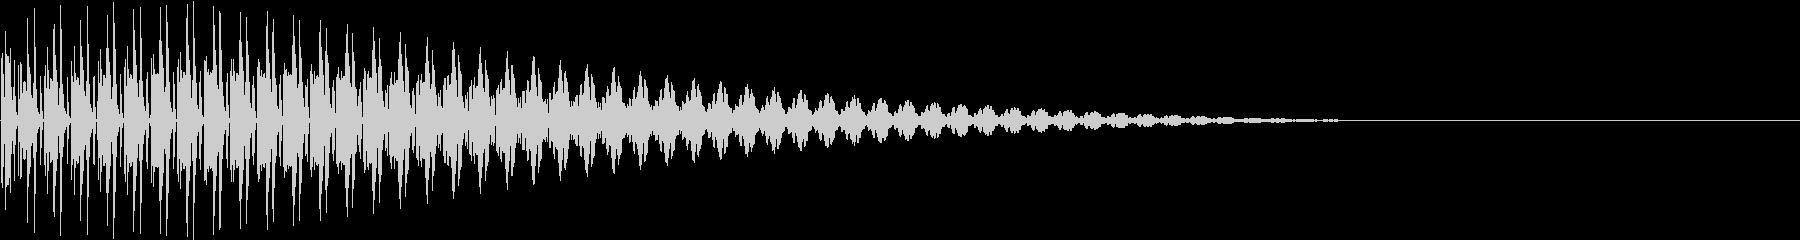 BOTAN テクノな決定ボタン 3の未再生の波形